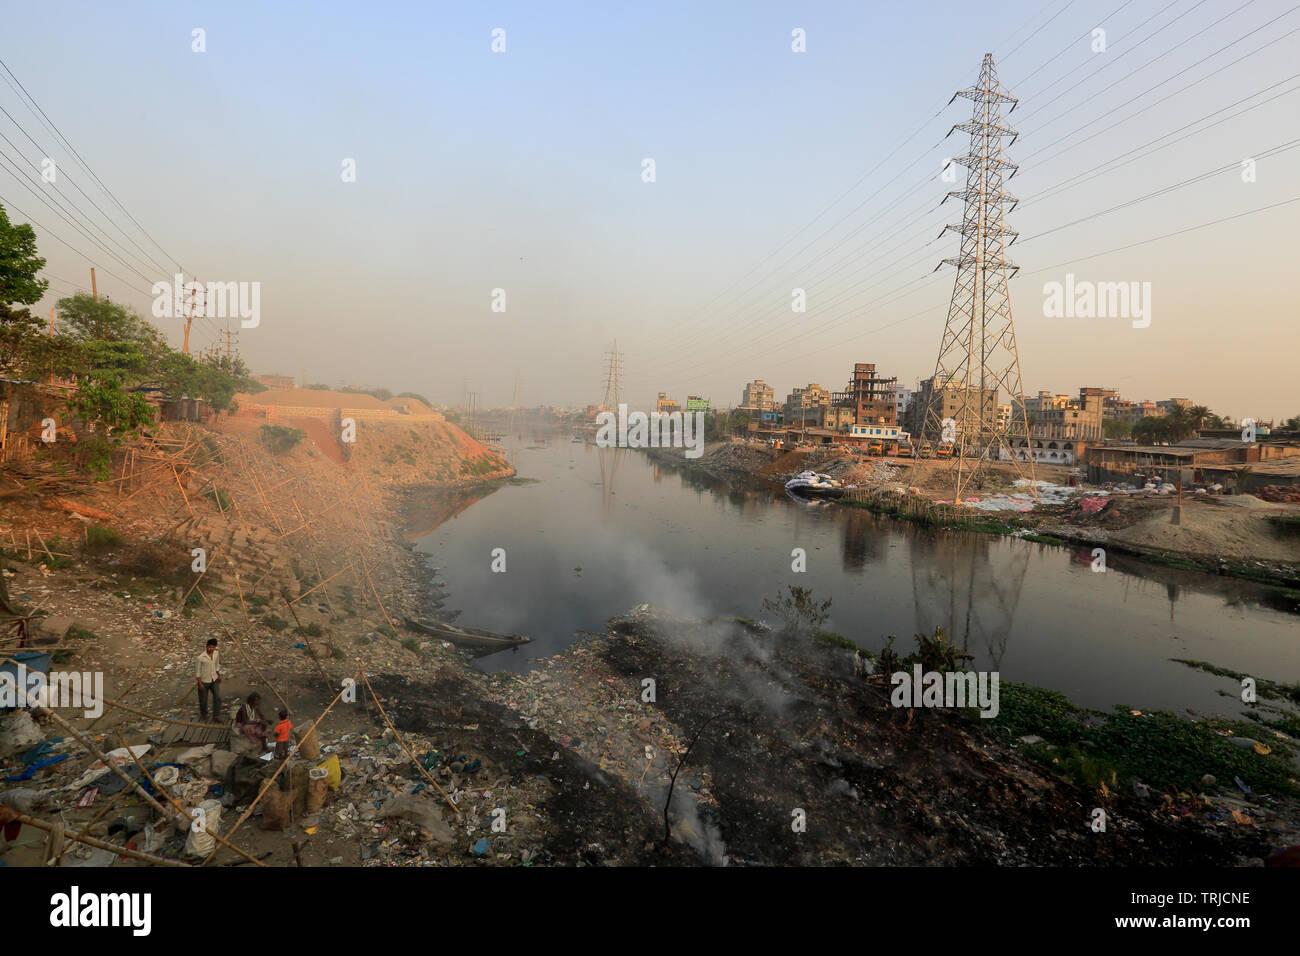 Land grabbing e pesante inquinamento plastica arrestare il flusso del fiume Buriganga Kamrangirchar vicino a Dhaka. Bangladesh. Immagini Stock